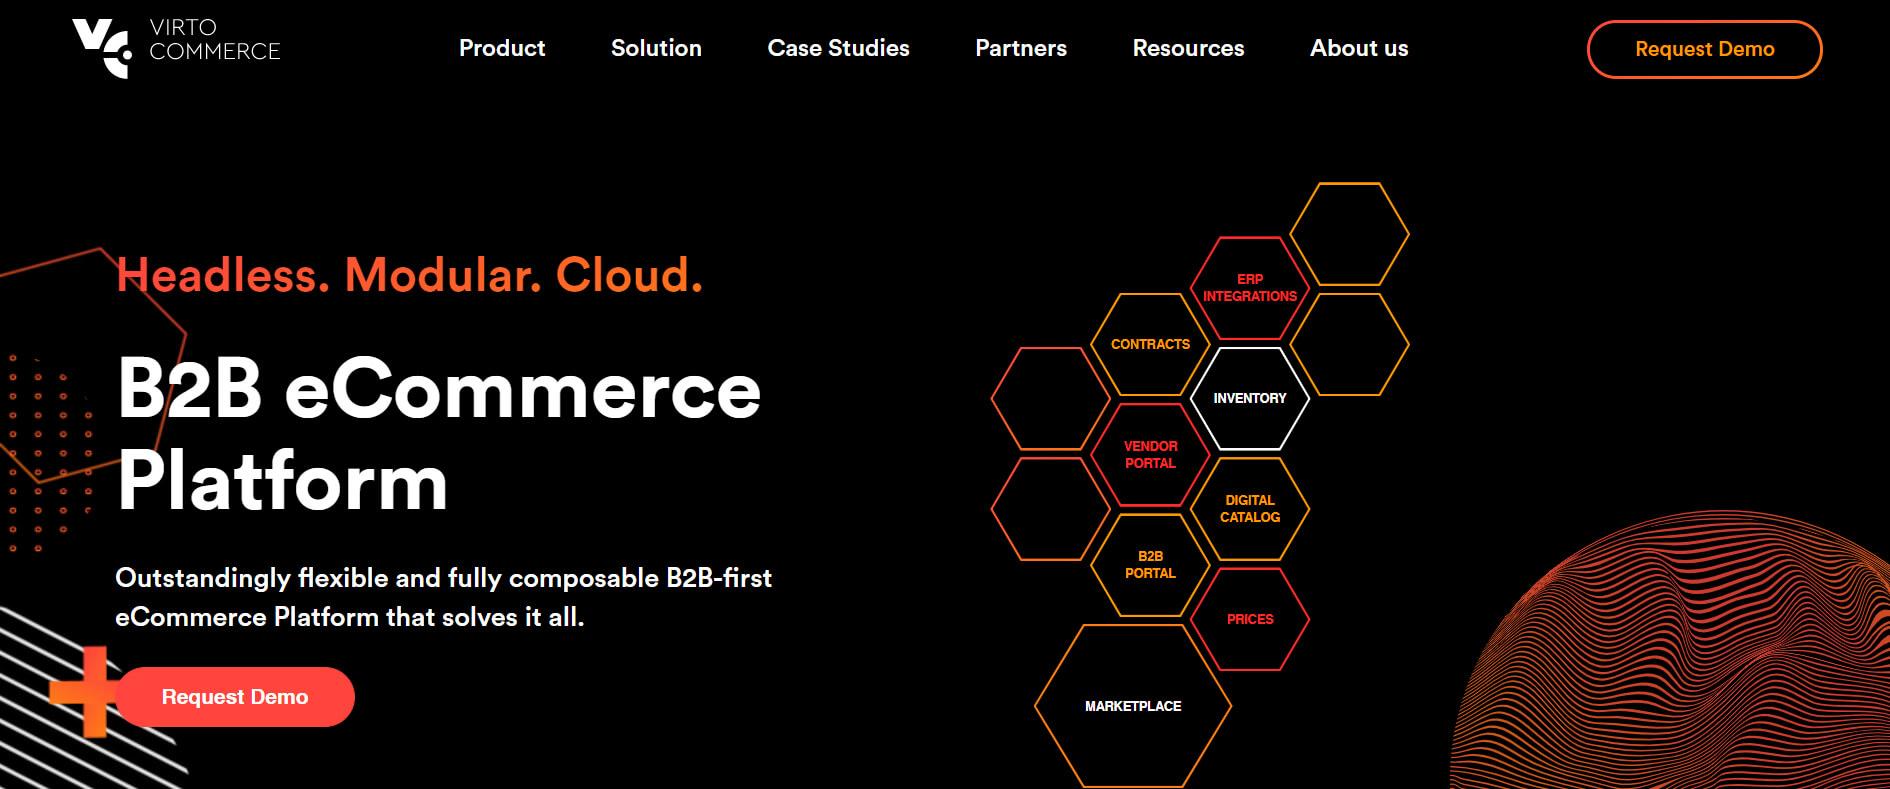 Virto Commerce marketplace platform